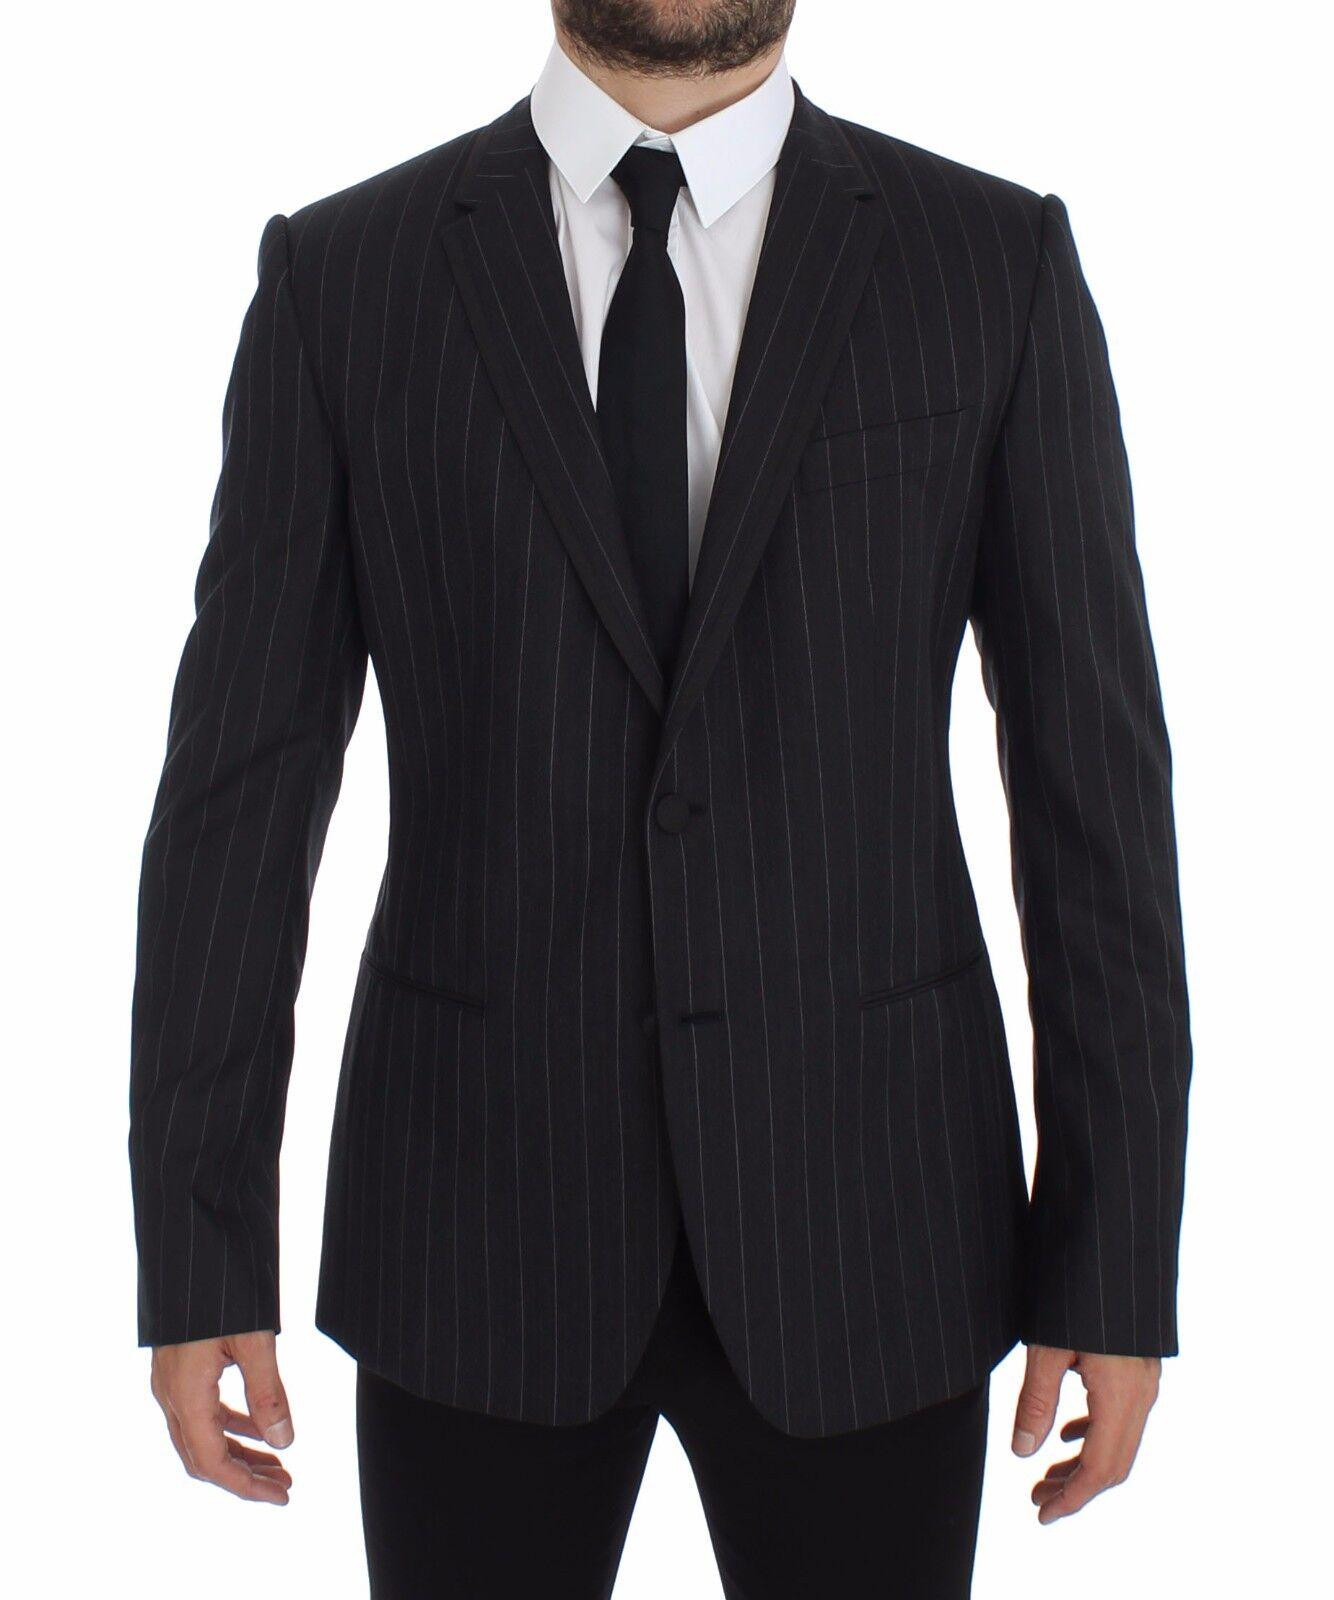 NWT 1800 DOLCE & GABBANA grau Striped Slim Fit Wool Blazer Coat IT50 / US40 / L